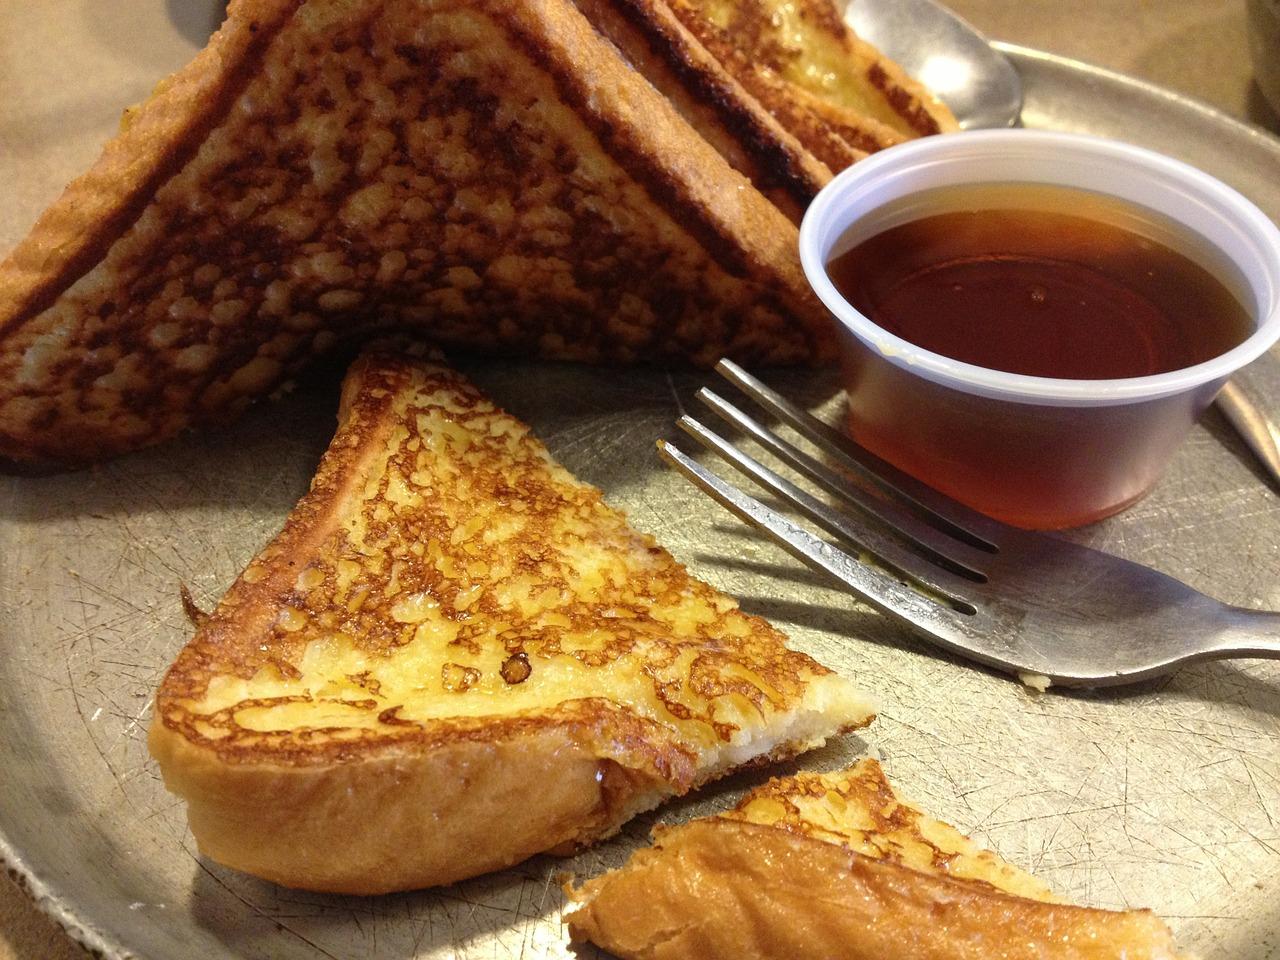 パン粉でフレンチトーストを作る簡単レシピ!砂糖いらずでテレビでも紹介